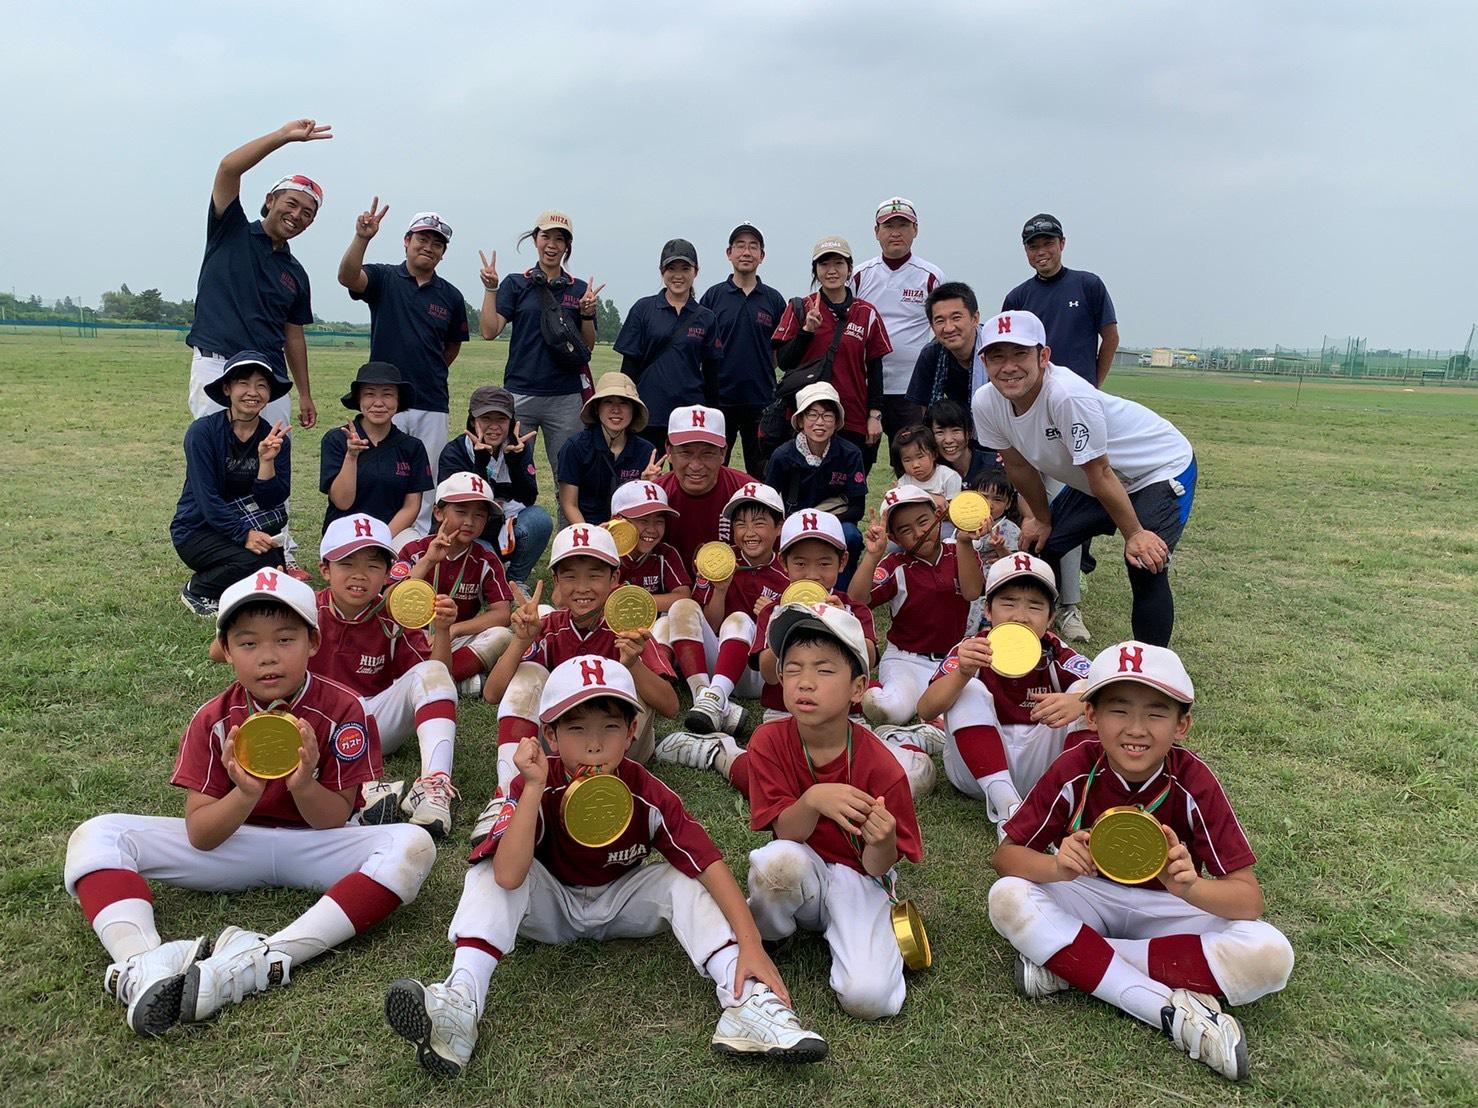 2019年5月5日_ジュニア 北関東連盟大会(武蔵コーポレーション杯)3位